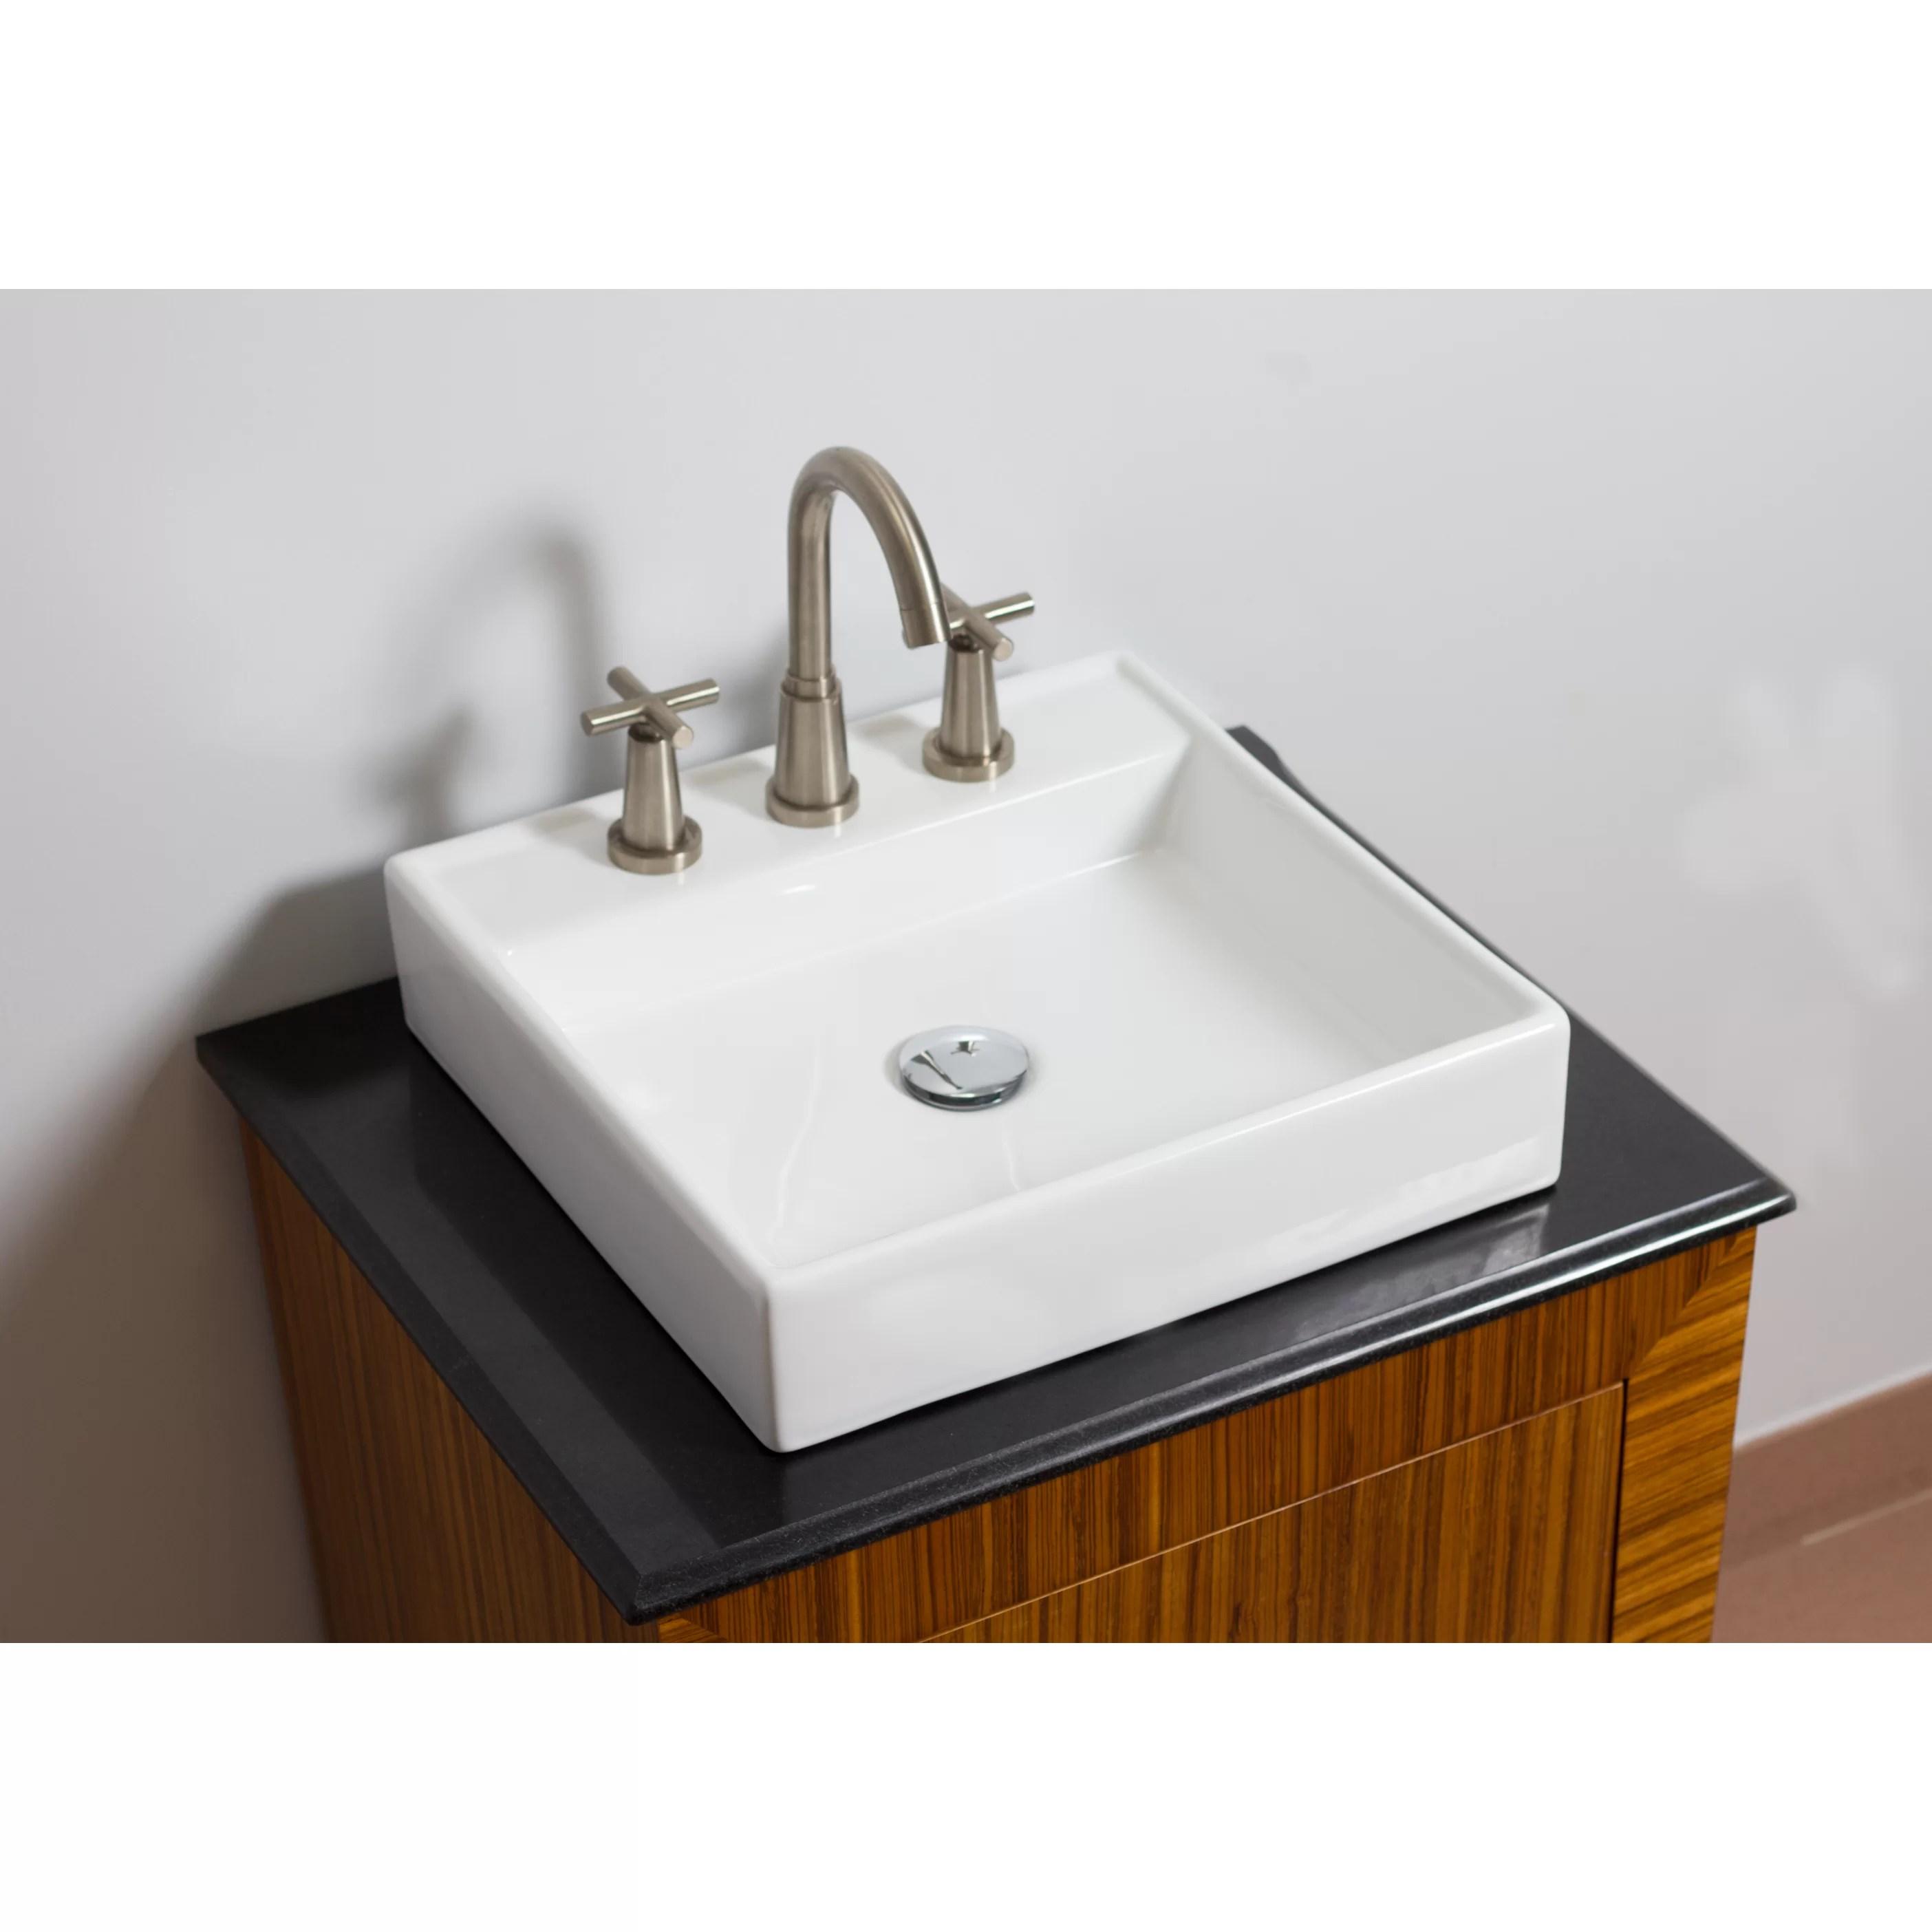 Best Round Bathroom Sink Latest Round Pedestal Vanity Unit